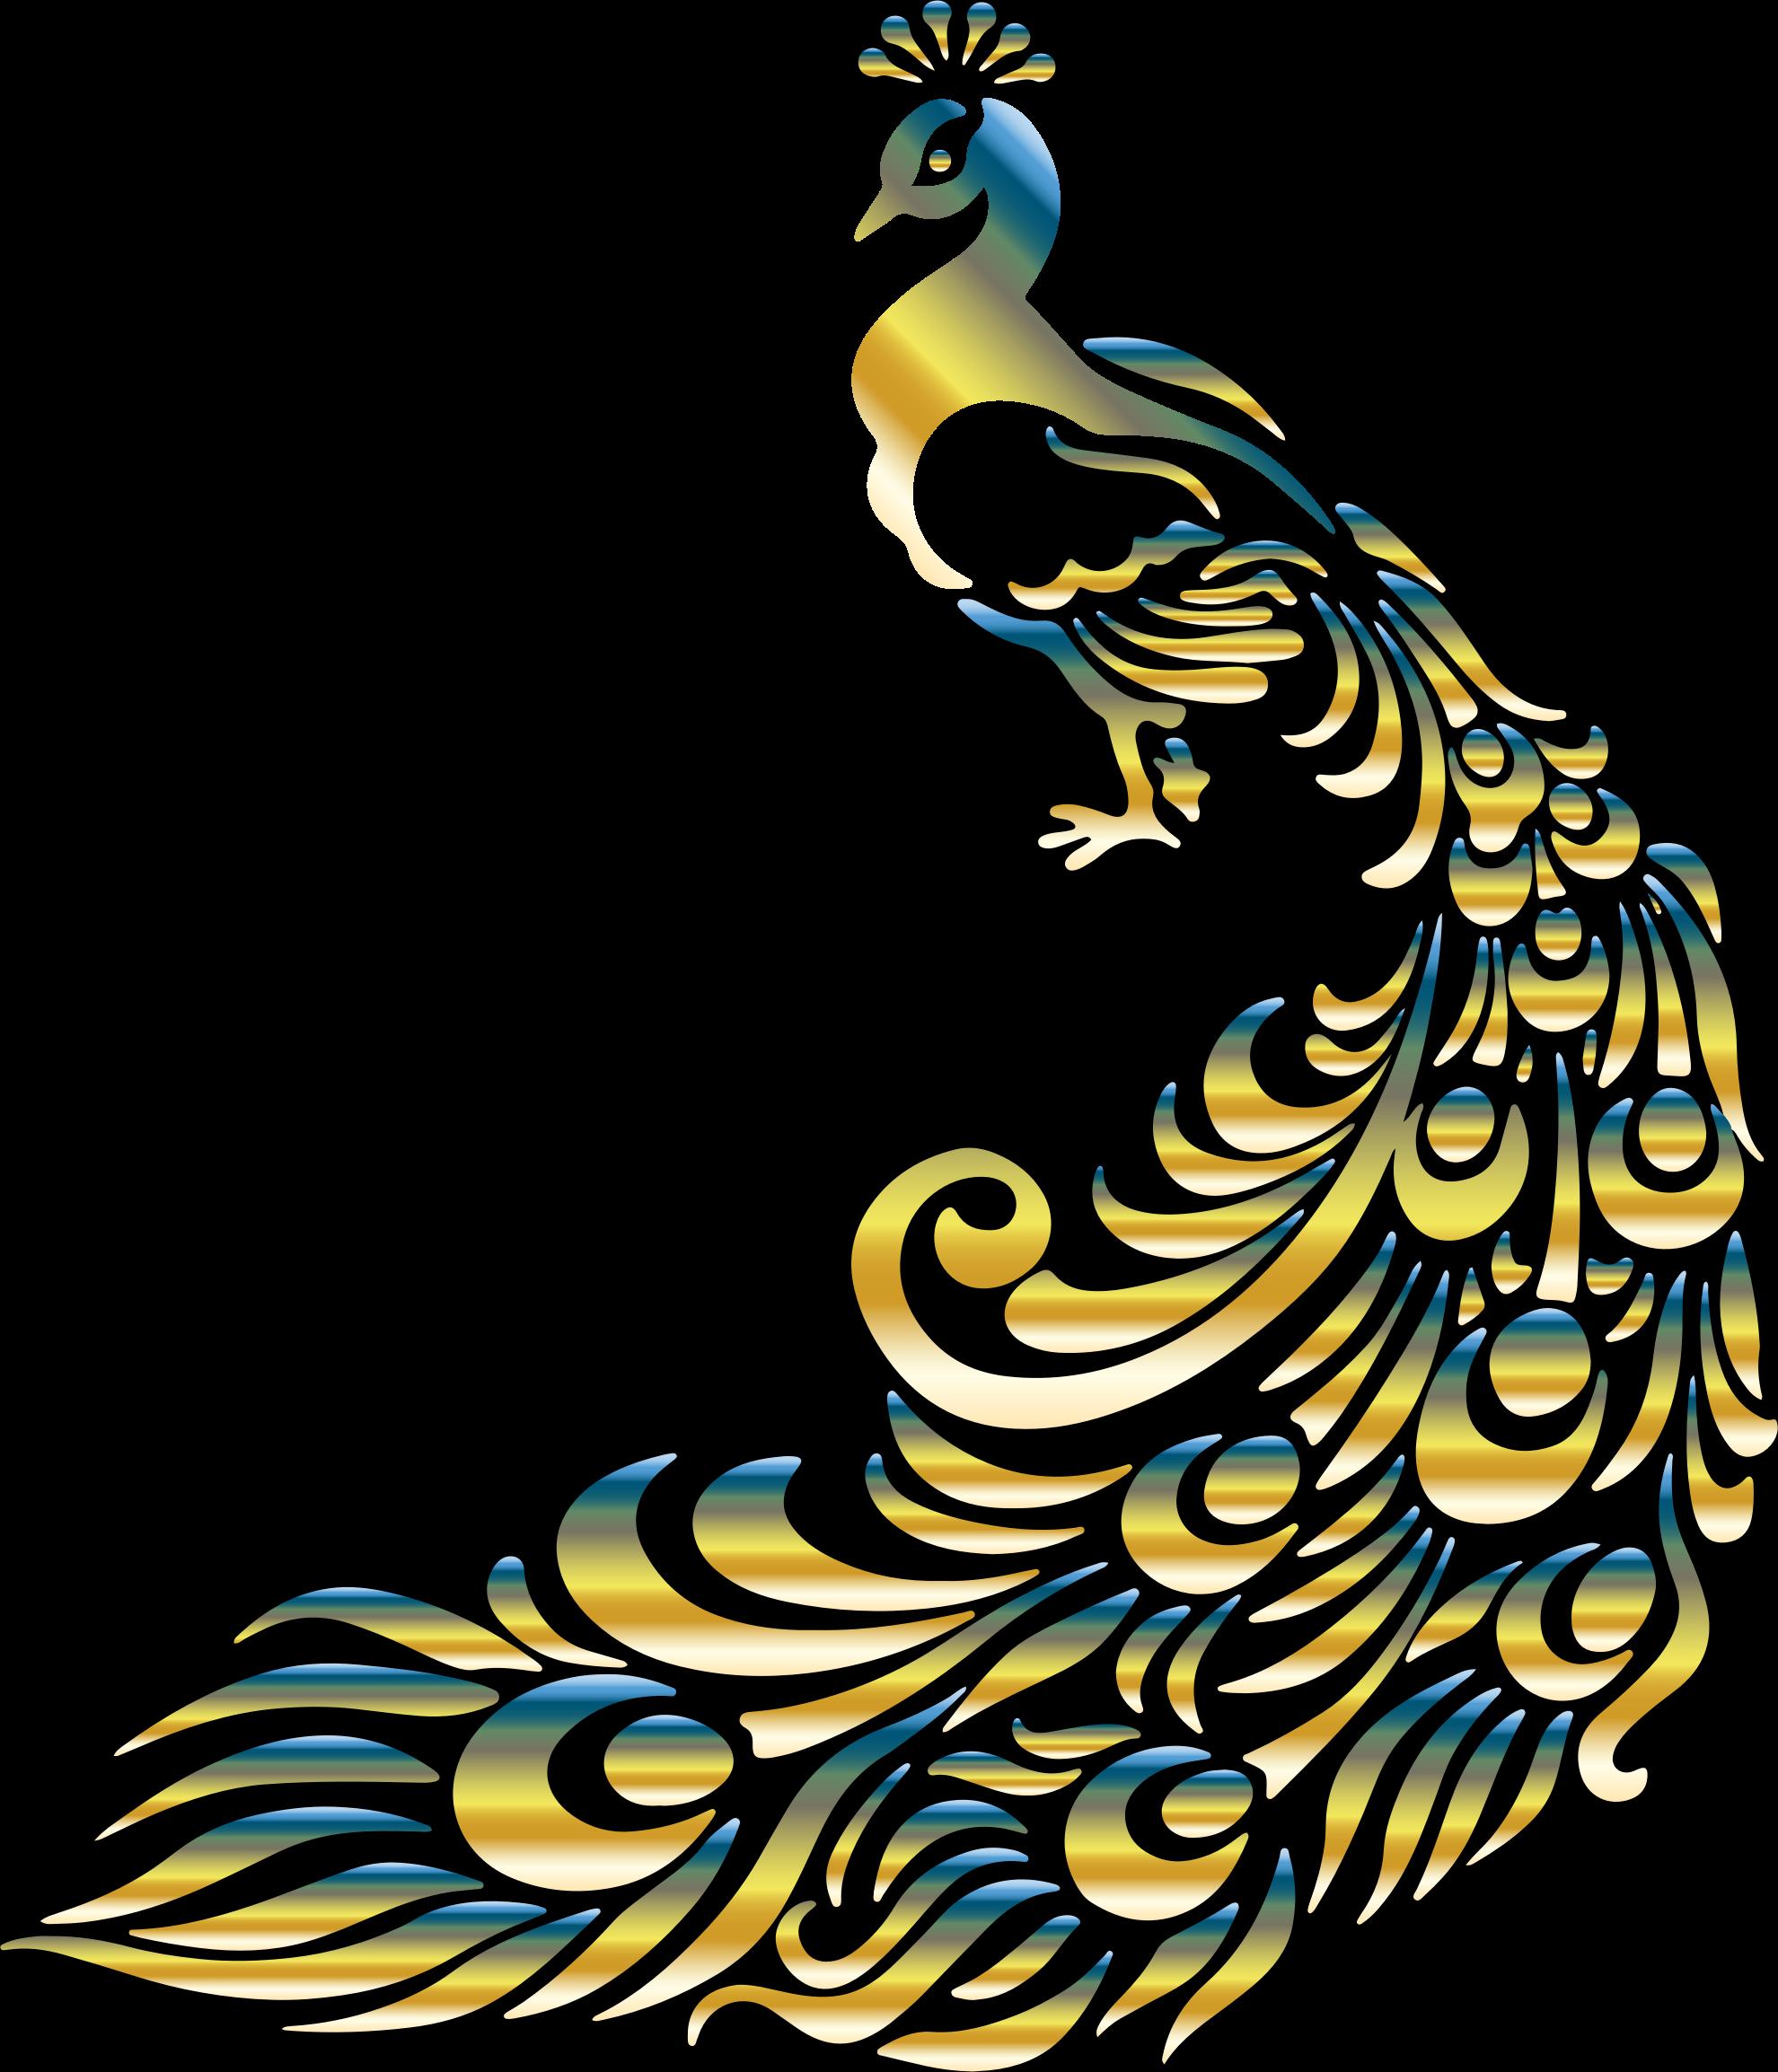 Peacock clipart big No Peacock BIG 4 Clipart